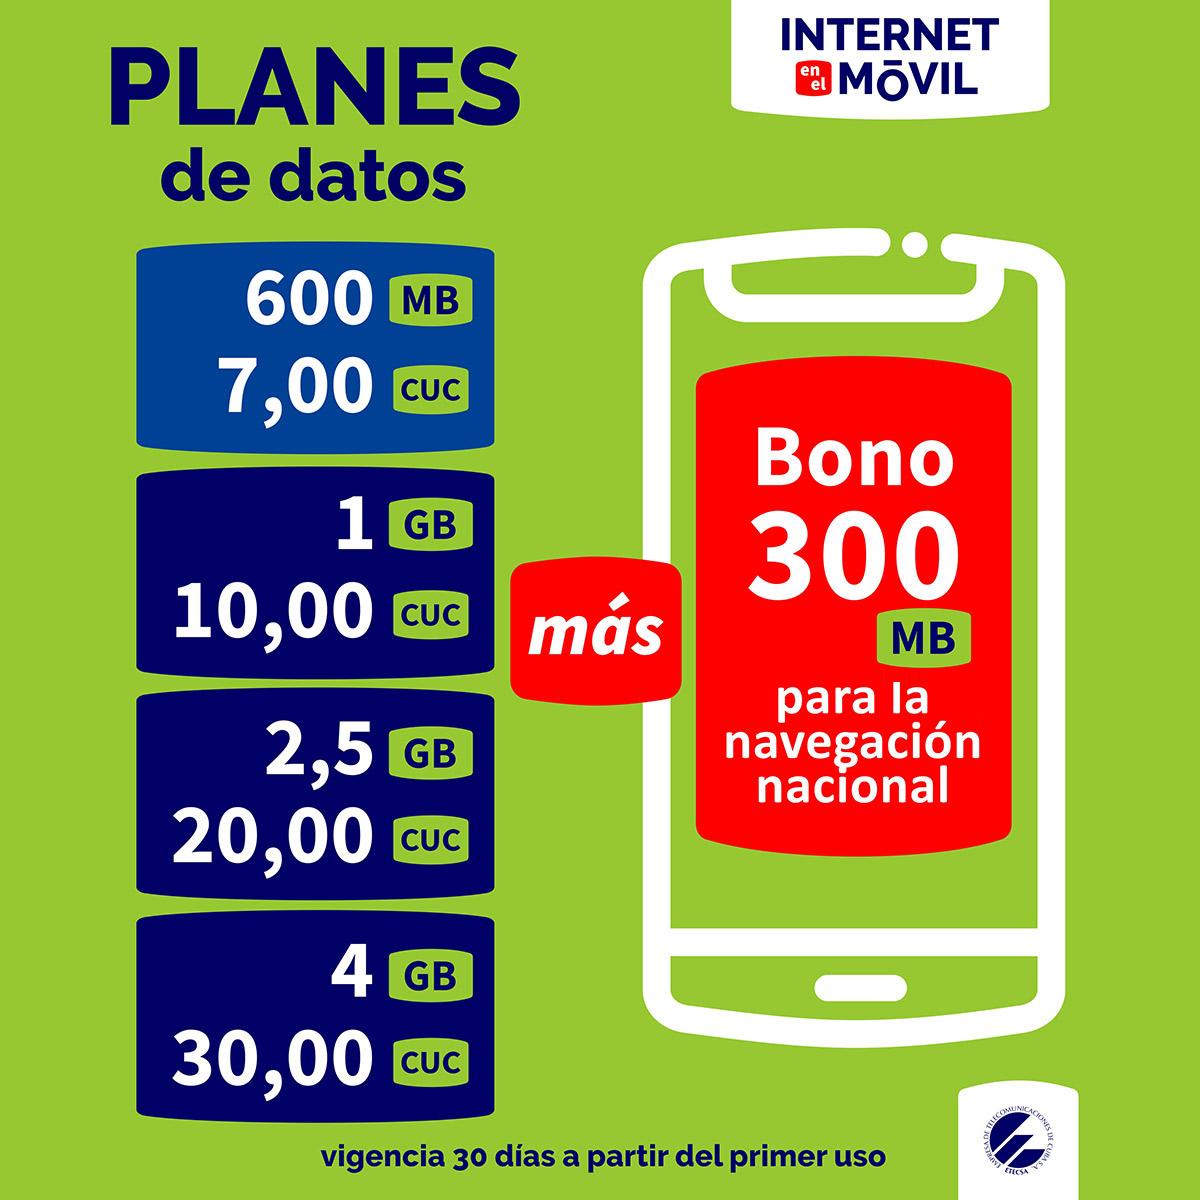 Planes de datos, vigencia por 30 días a partir de su uso. (ETECSA)